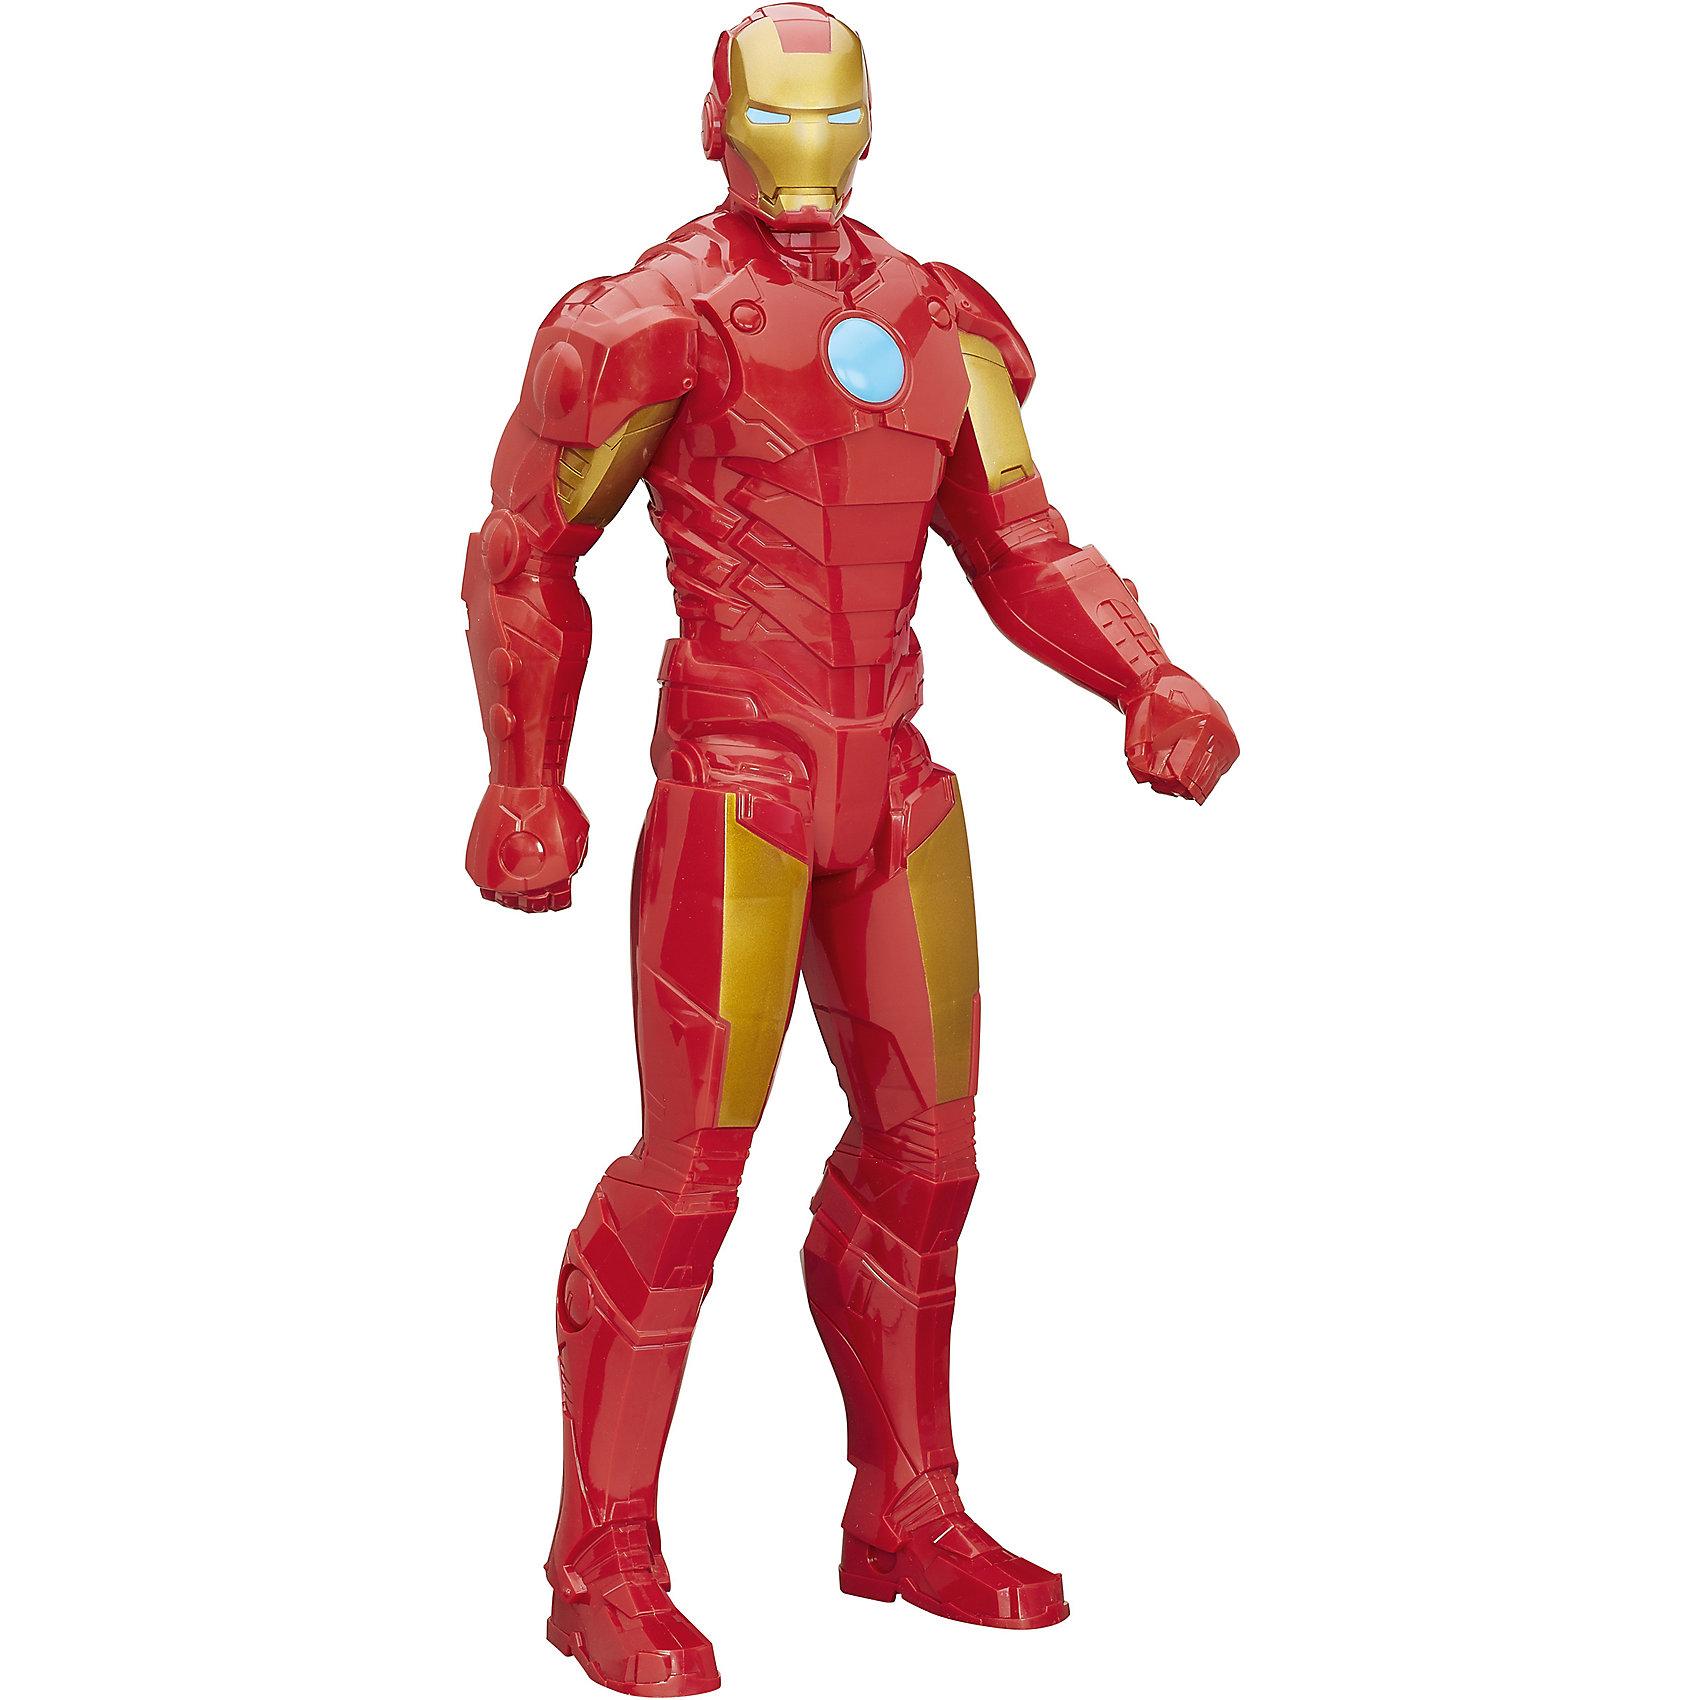 Титаны XL: Фигурка Железного ЧеловекаИгрушки<br>Большая фигурка Железного Человека обязательно понравится мальчишкам! Игрушка выполнена из высококачественного прочного пластика, имеет подвижные руки и голову. Фигурка прекрасно детализирована и очень похожа на персонажа комиксов Марвел (Marvel). <br><br>Дополнительная информация:<br><br>- Материал: пластик.<br>- Размер: 50 см. <br><br>Титаны XL: Фигурка Железного Человека (Iron Man) можно купить в нашем магазине.<br><br>Ширина мм: 102<br>Глубина мм: 203<br>Высота мм: 506<br>Вес г: 709<br>Возраст от месяцев: 48<br>Возраст до месяцев: 192<br>Пол: Мужской<br>Возраст: Детский<br>SKU: 4413253